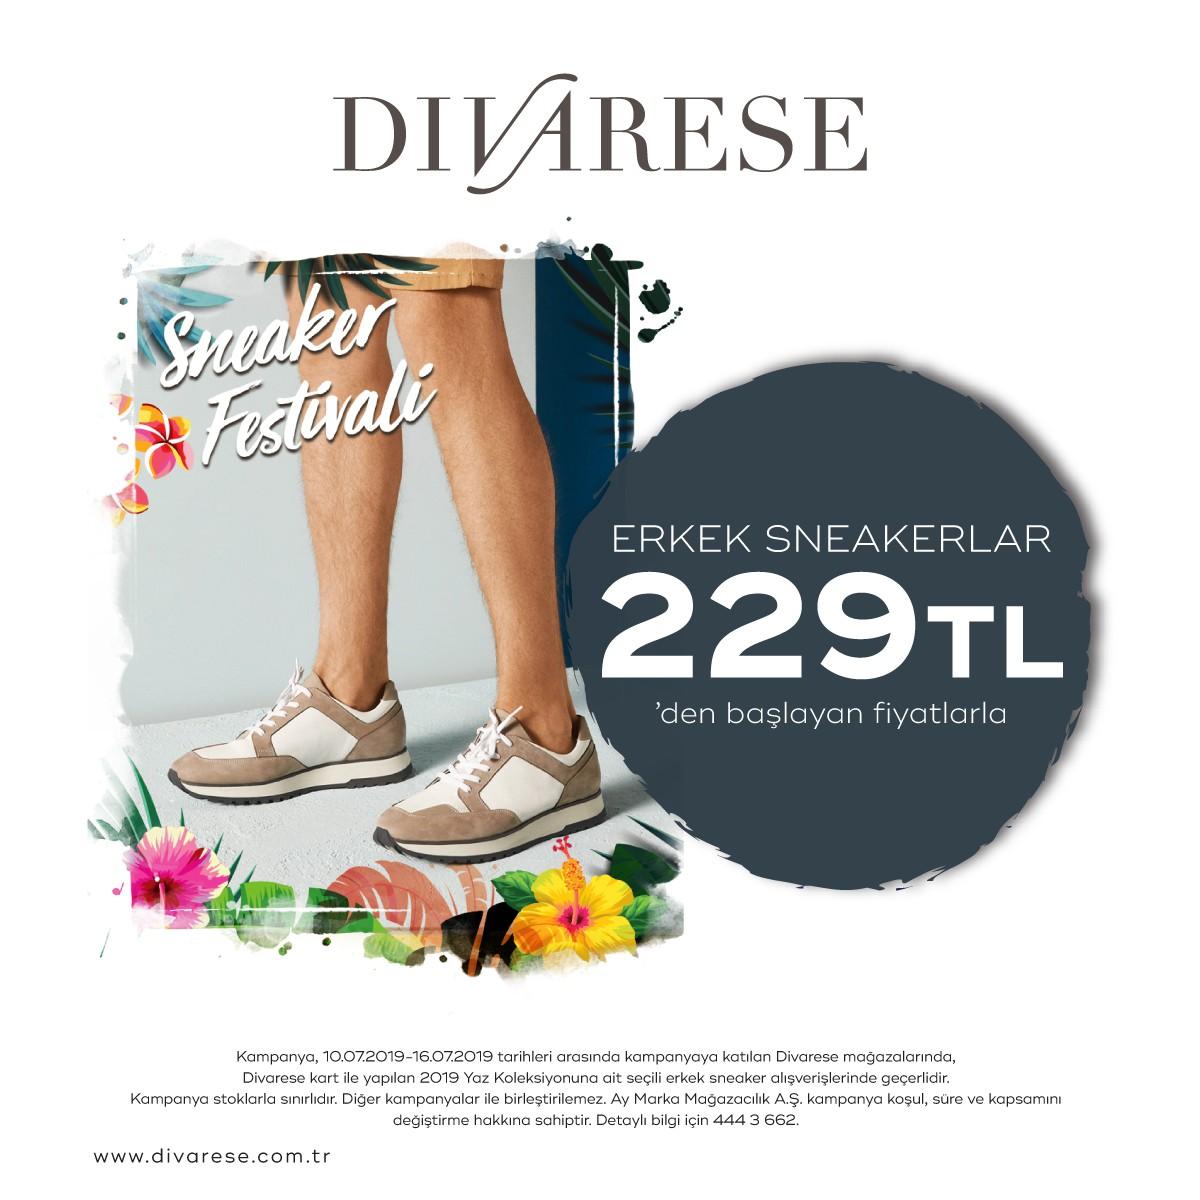 Divarese'de Sneaker Festivali, Kaçırmayın!